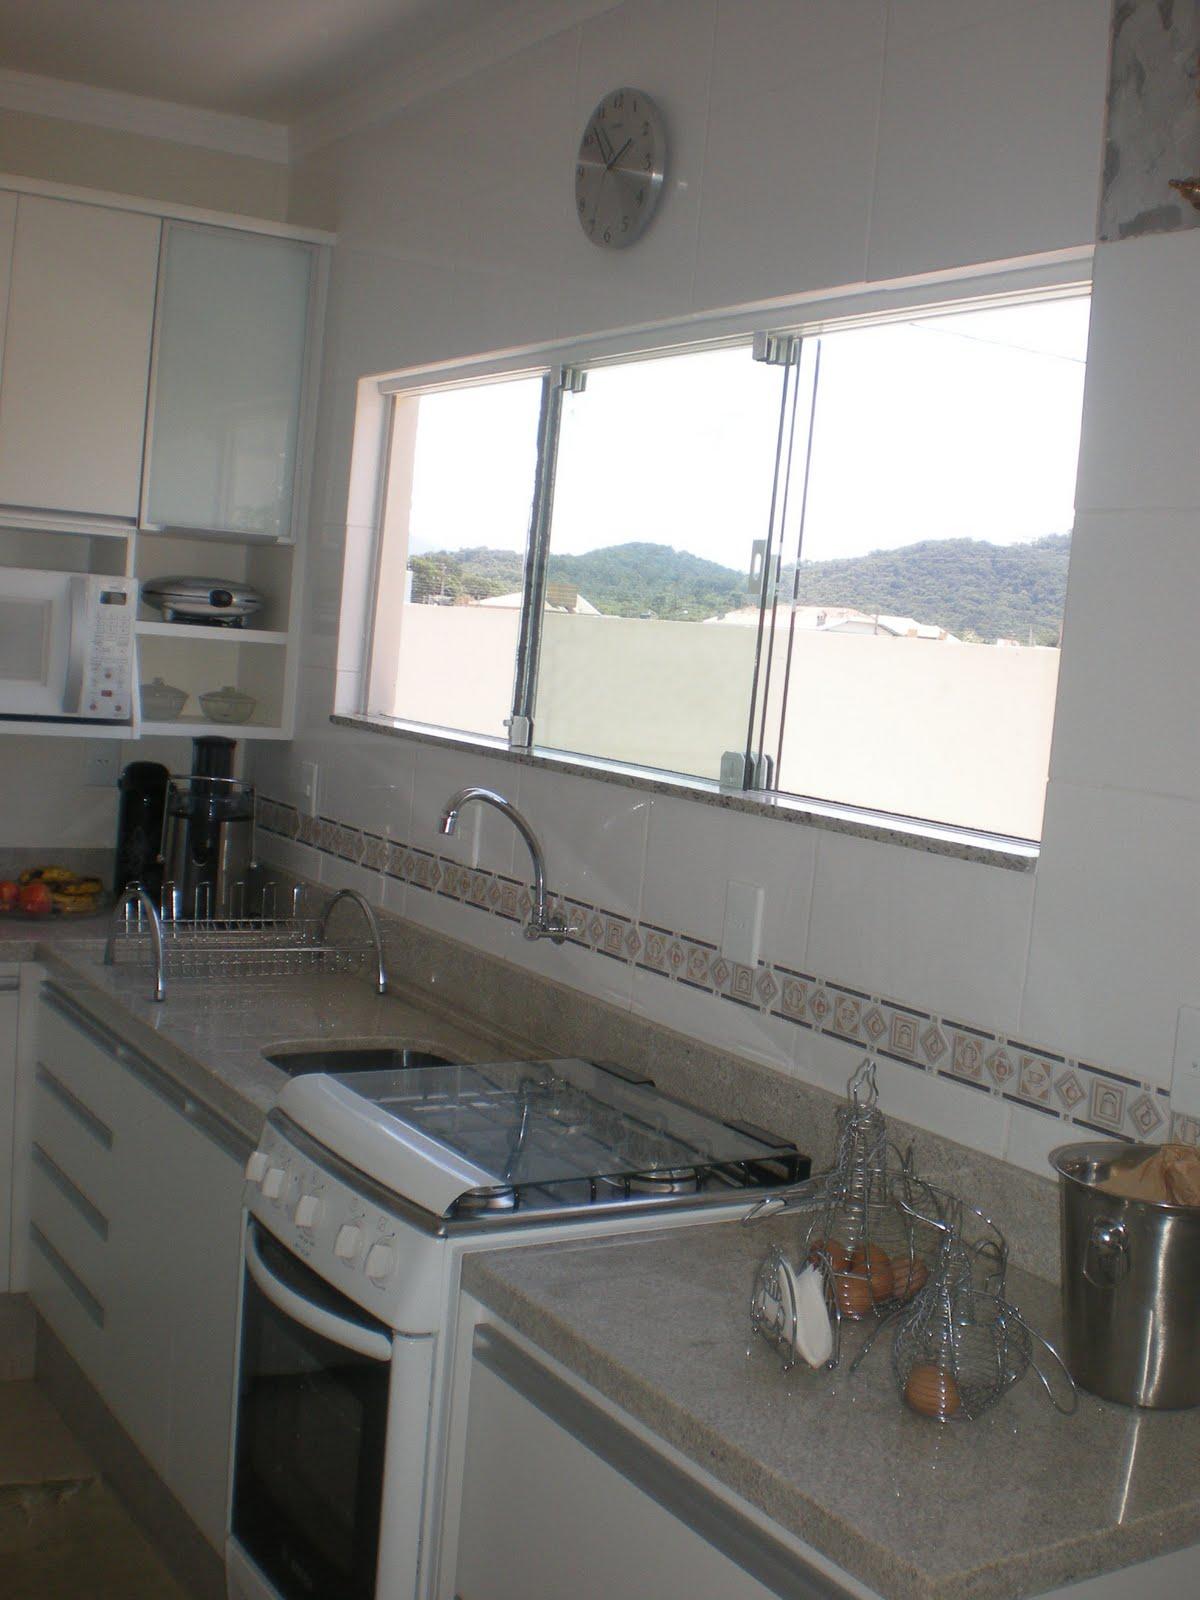 #586473 casa e de algumas janelas de cozinhas que vi pela net essa é a janela  1200x1600 px Projeto De Cozinha Com Janela_4573 Imagens